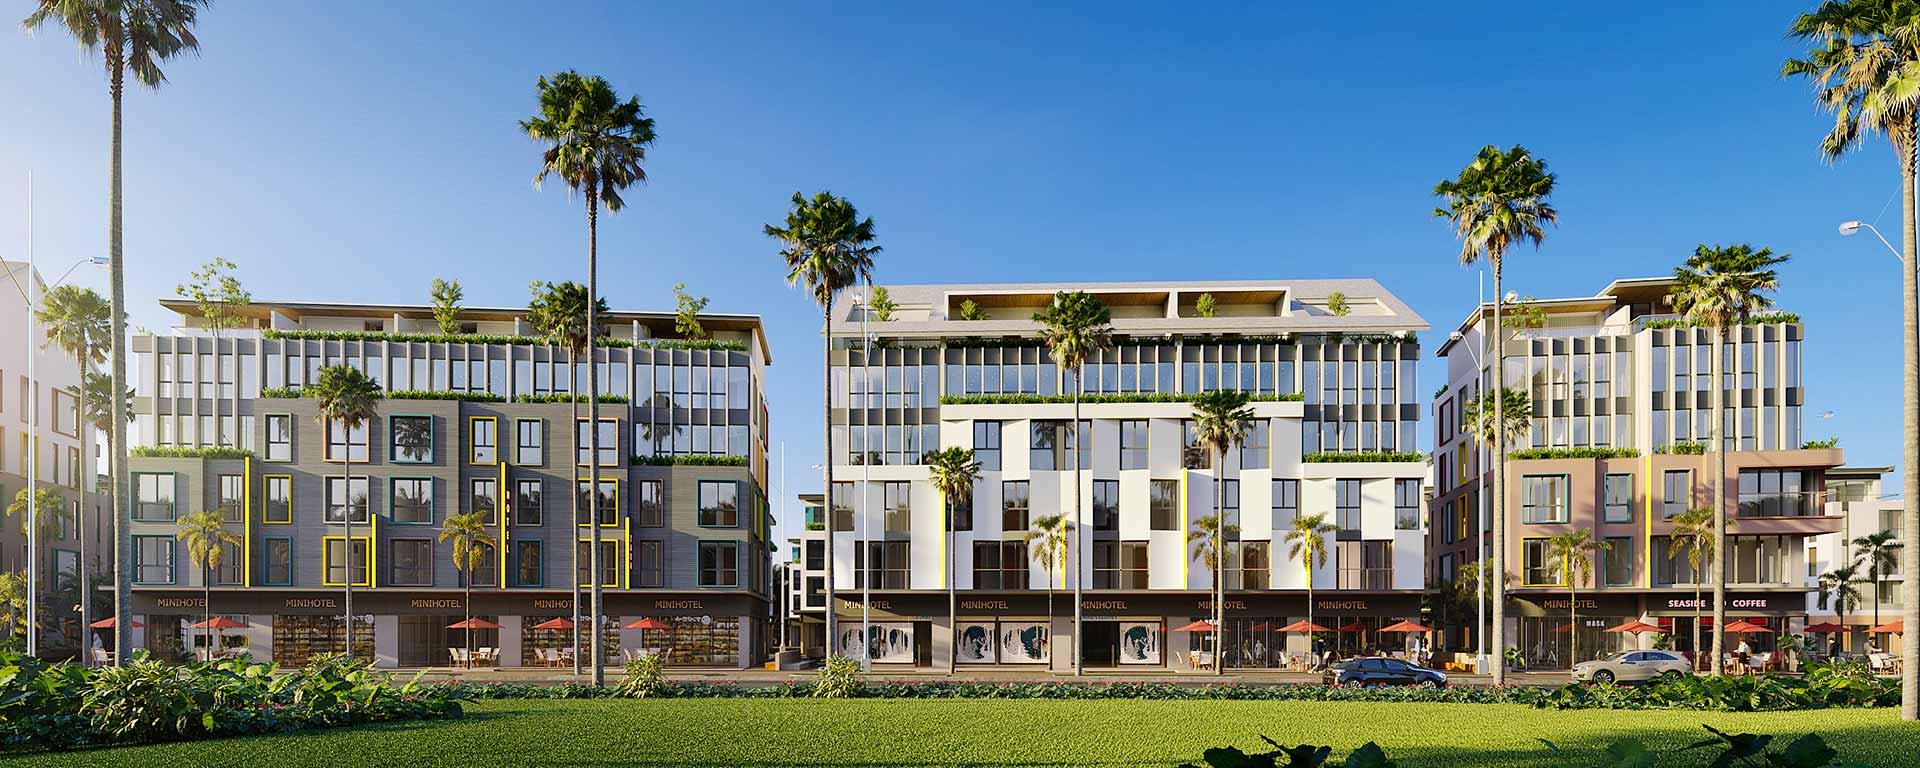 Mini hotel sản phẩm đầu tư hoàn hảo tại Meyhomes Capital Phú Quốc